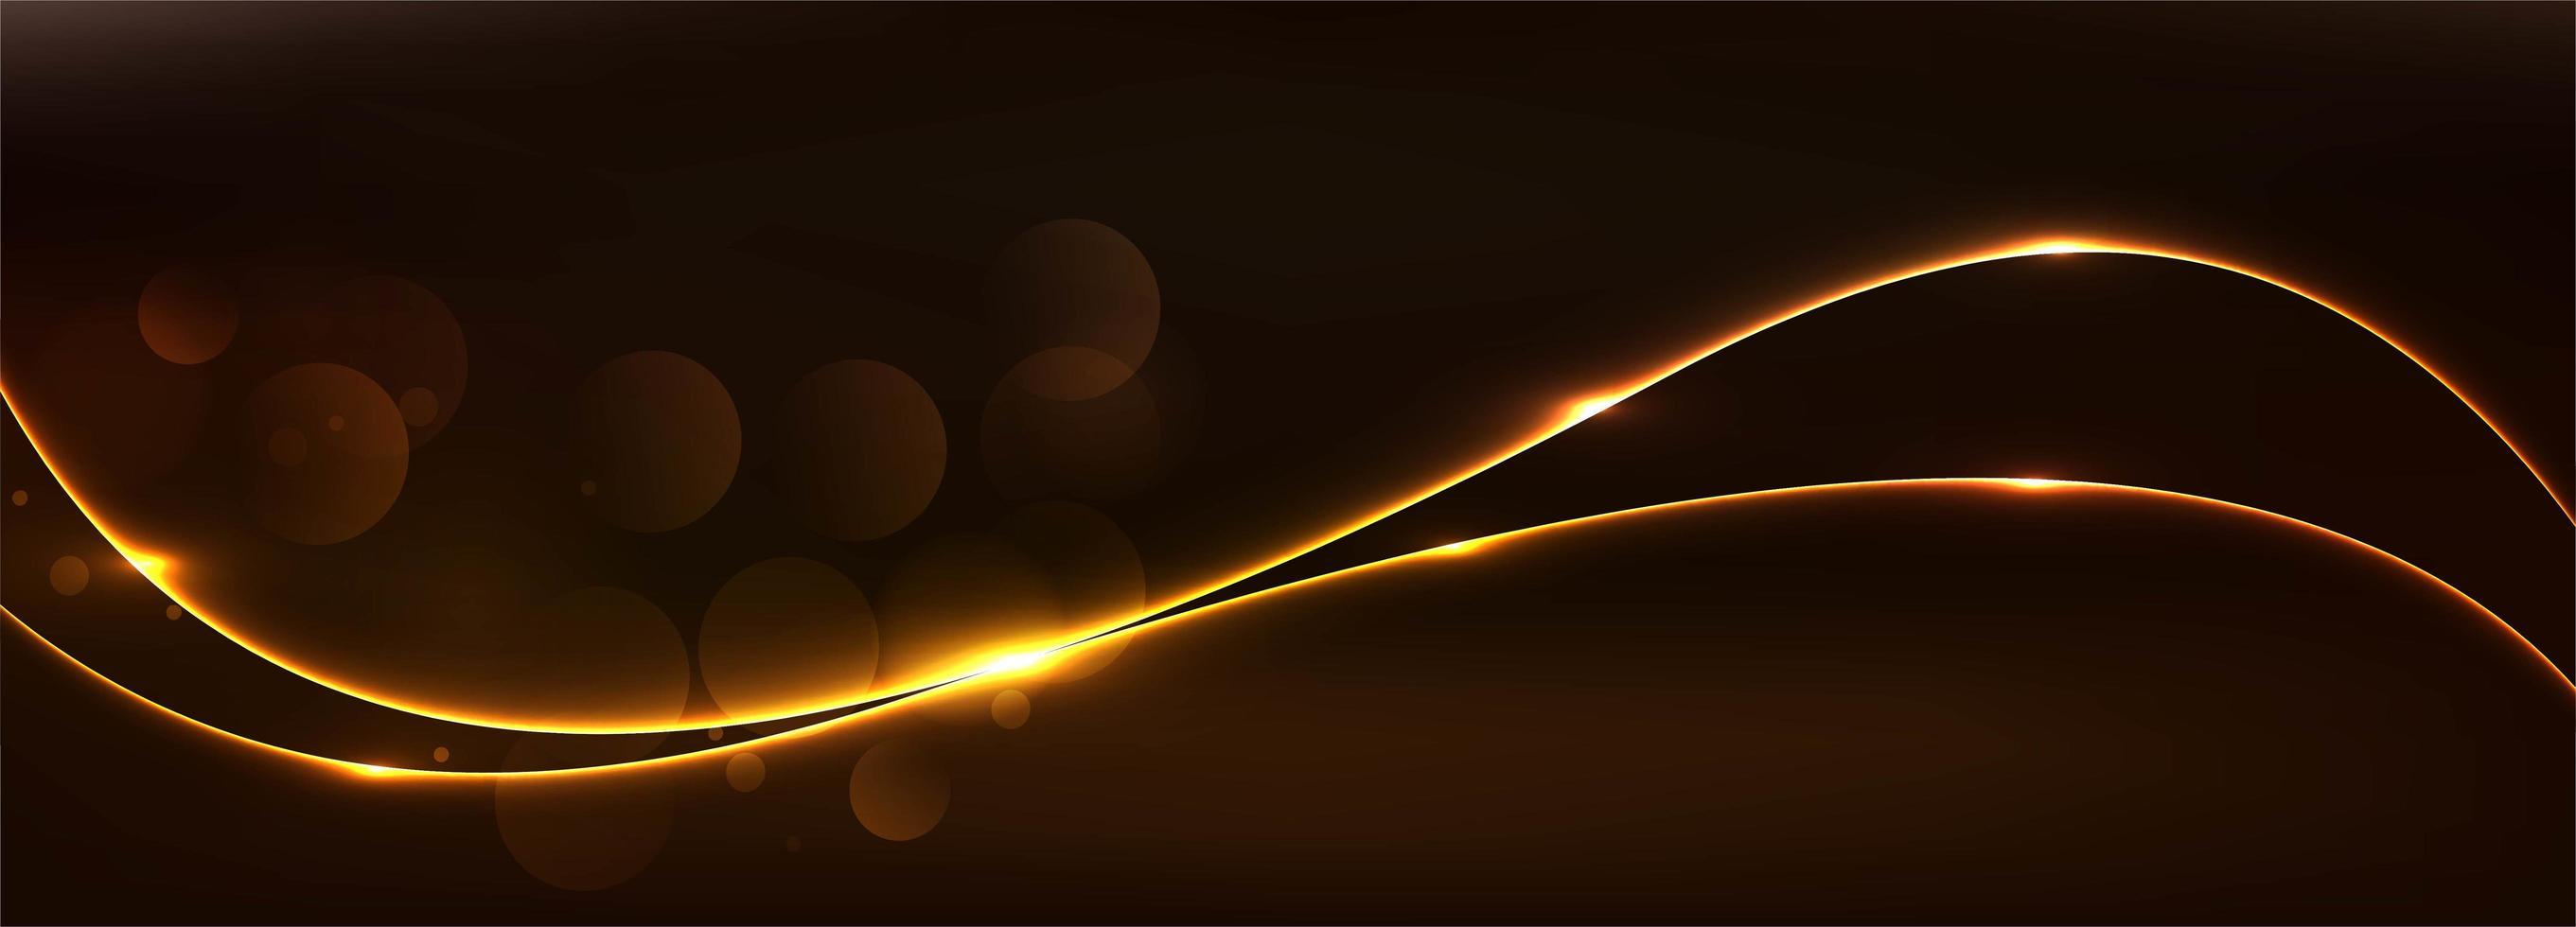 abstraktes golden leuchtendes Wellenbanner vektor